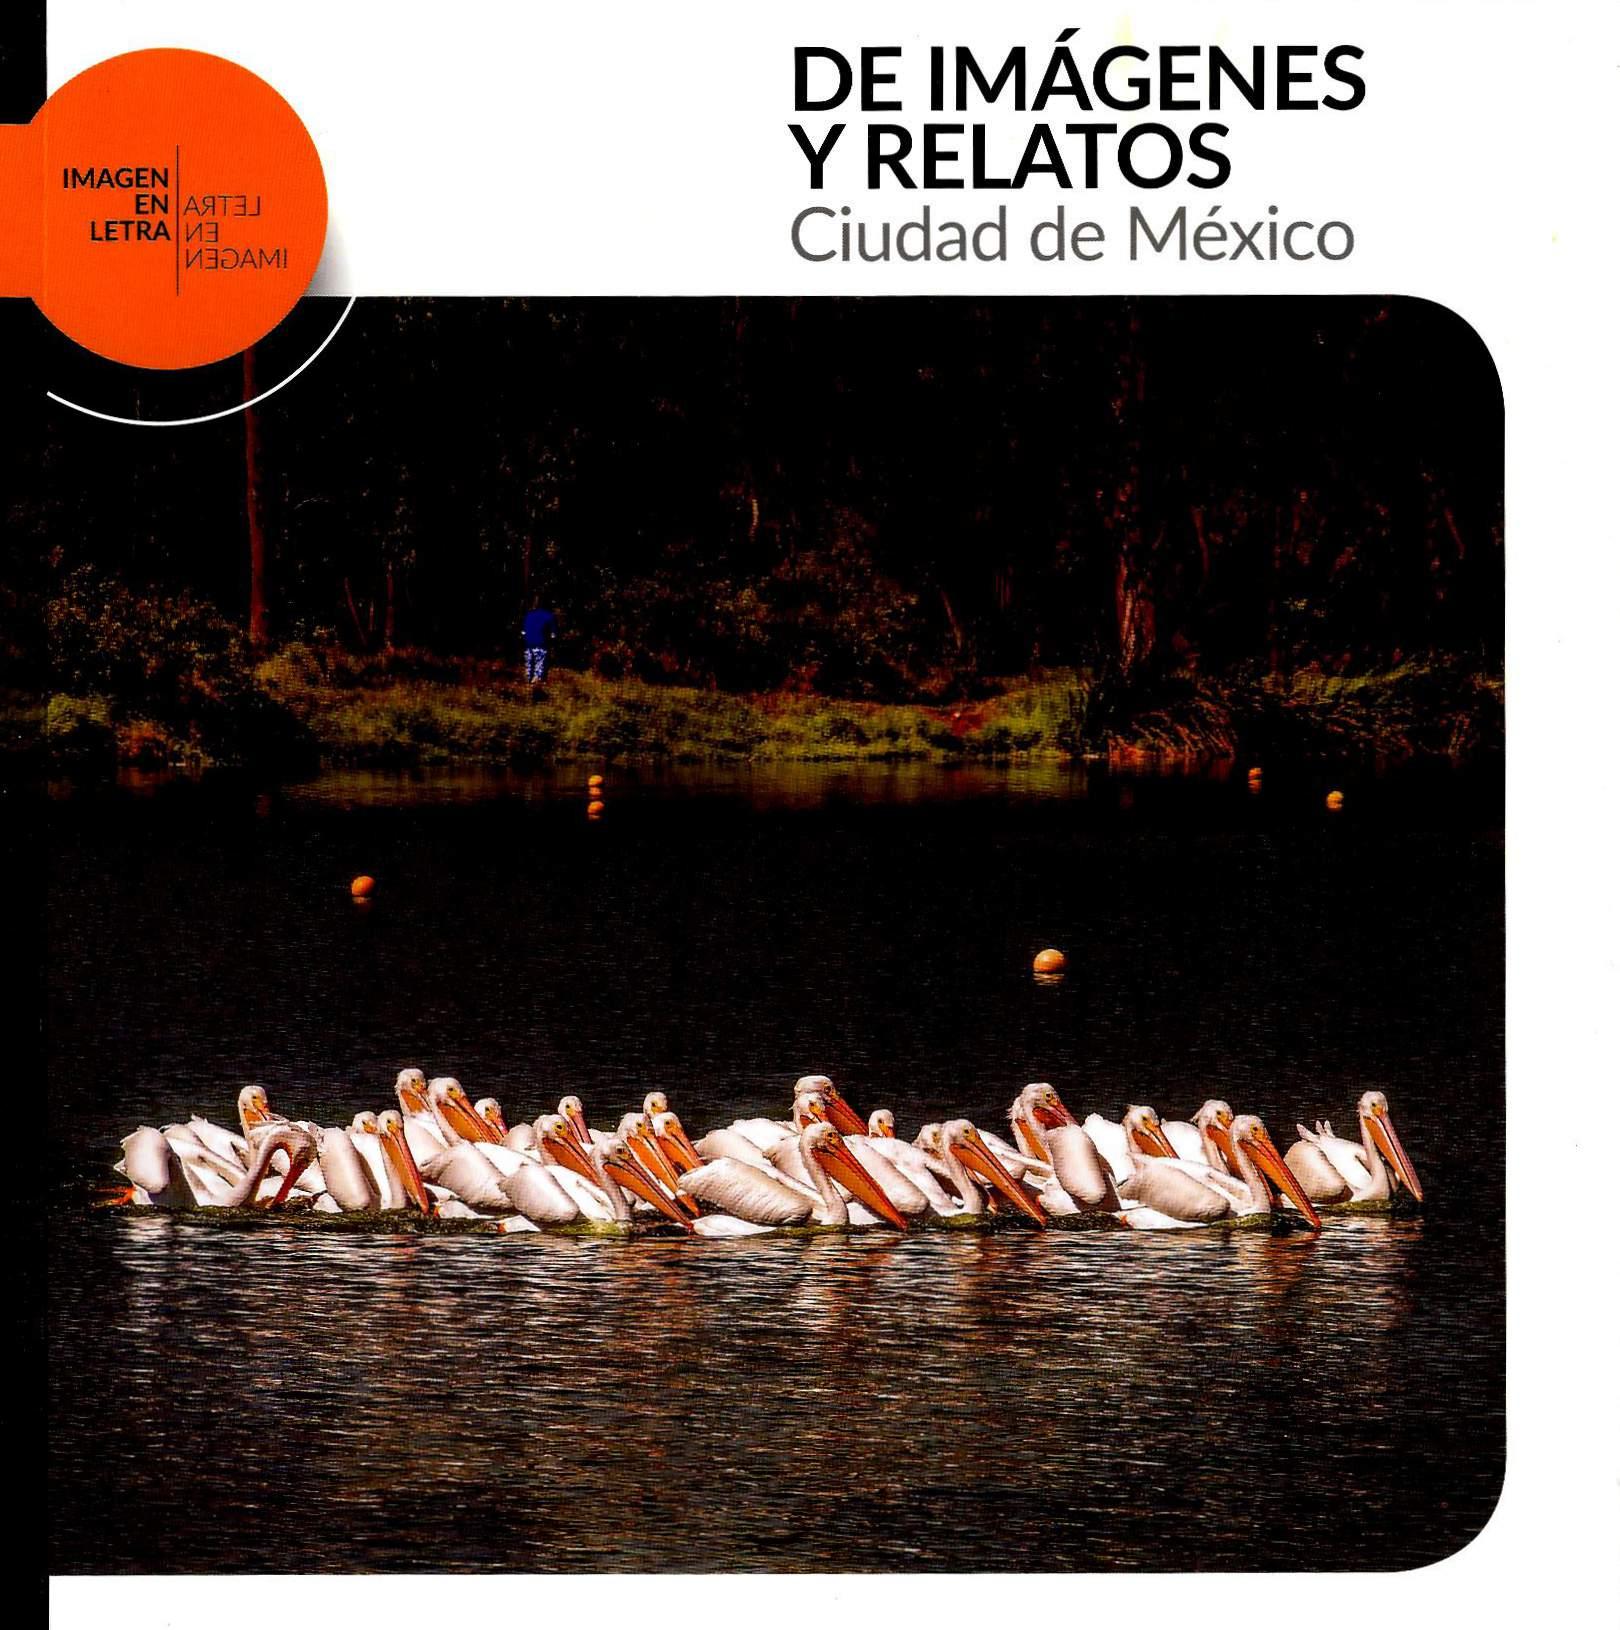 De imágenes y relatos: Ciudad de México